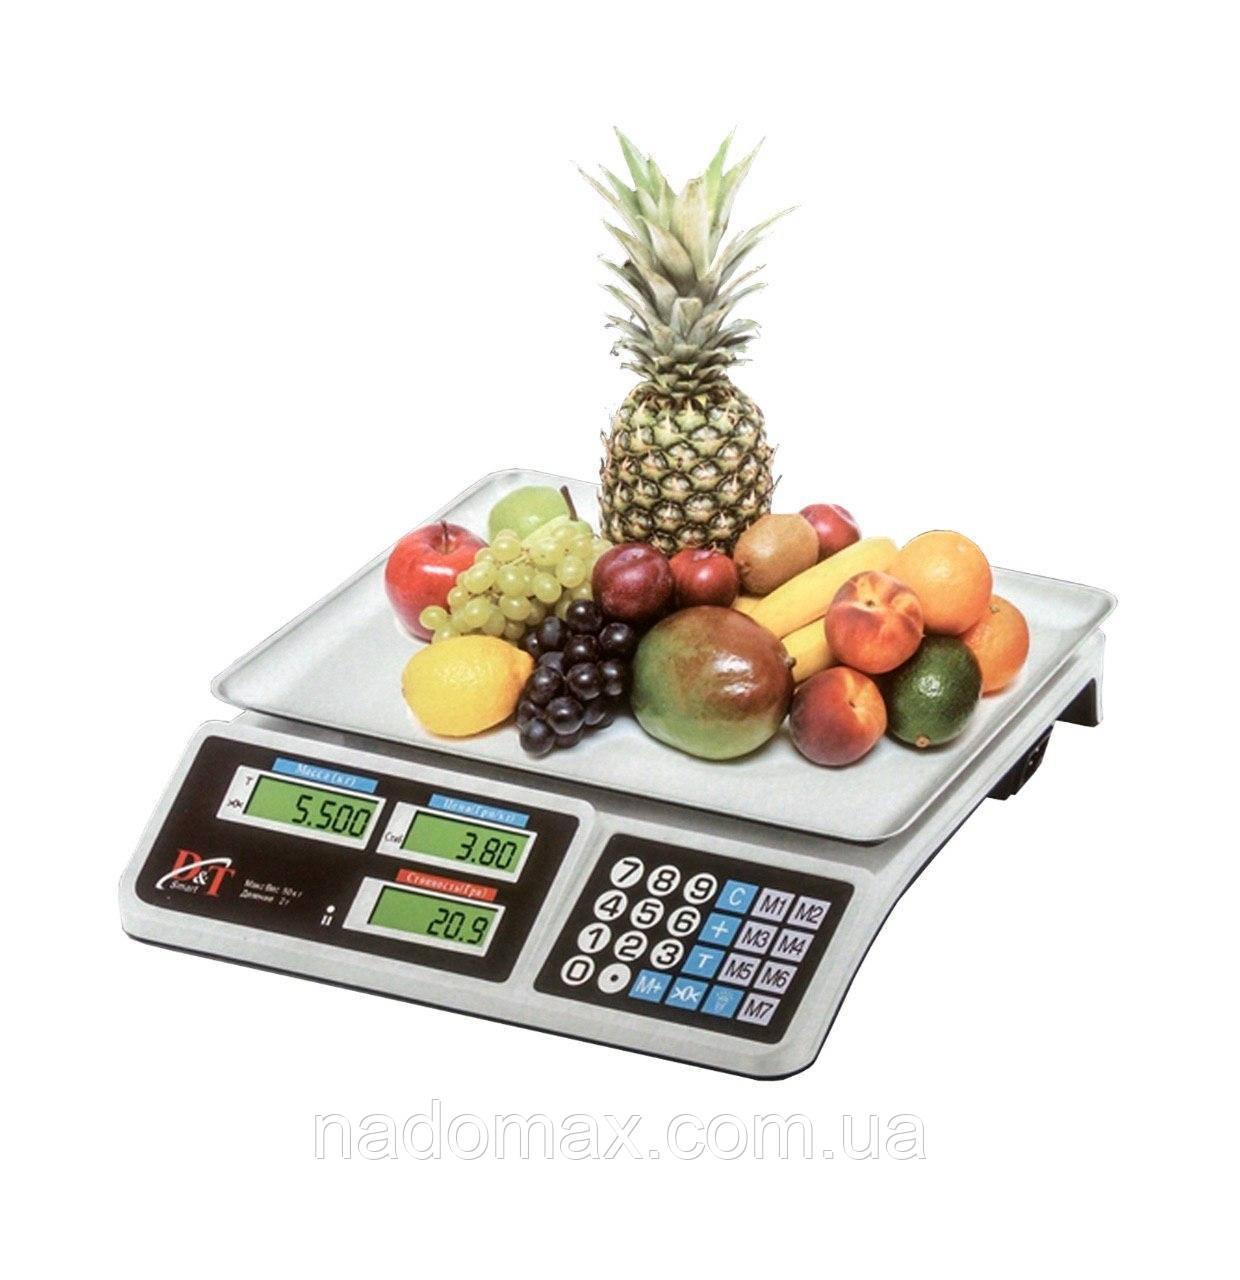 Весы торговые электронные DT smart 809 до 50кг, деление 2г